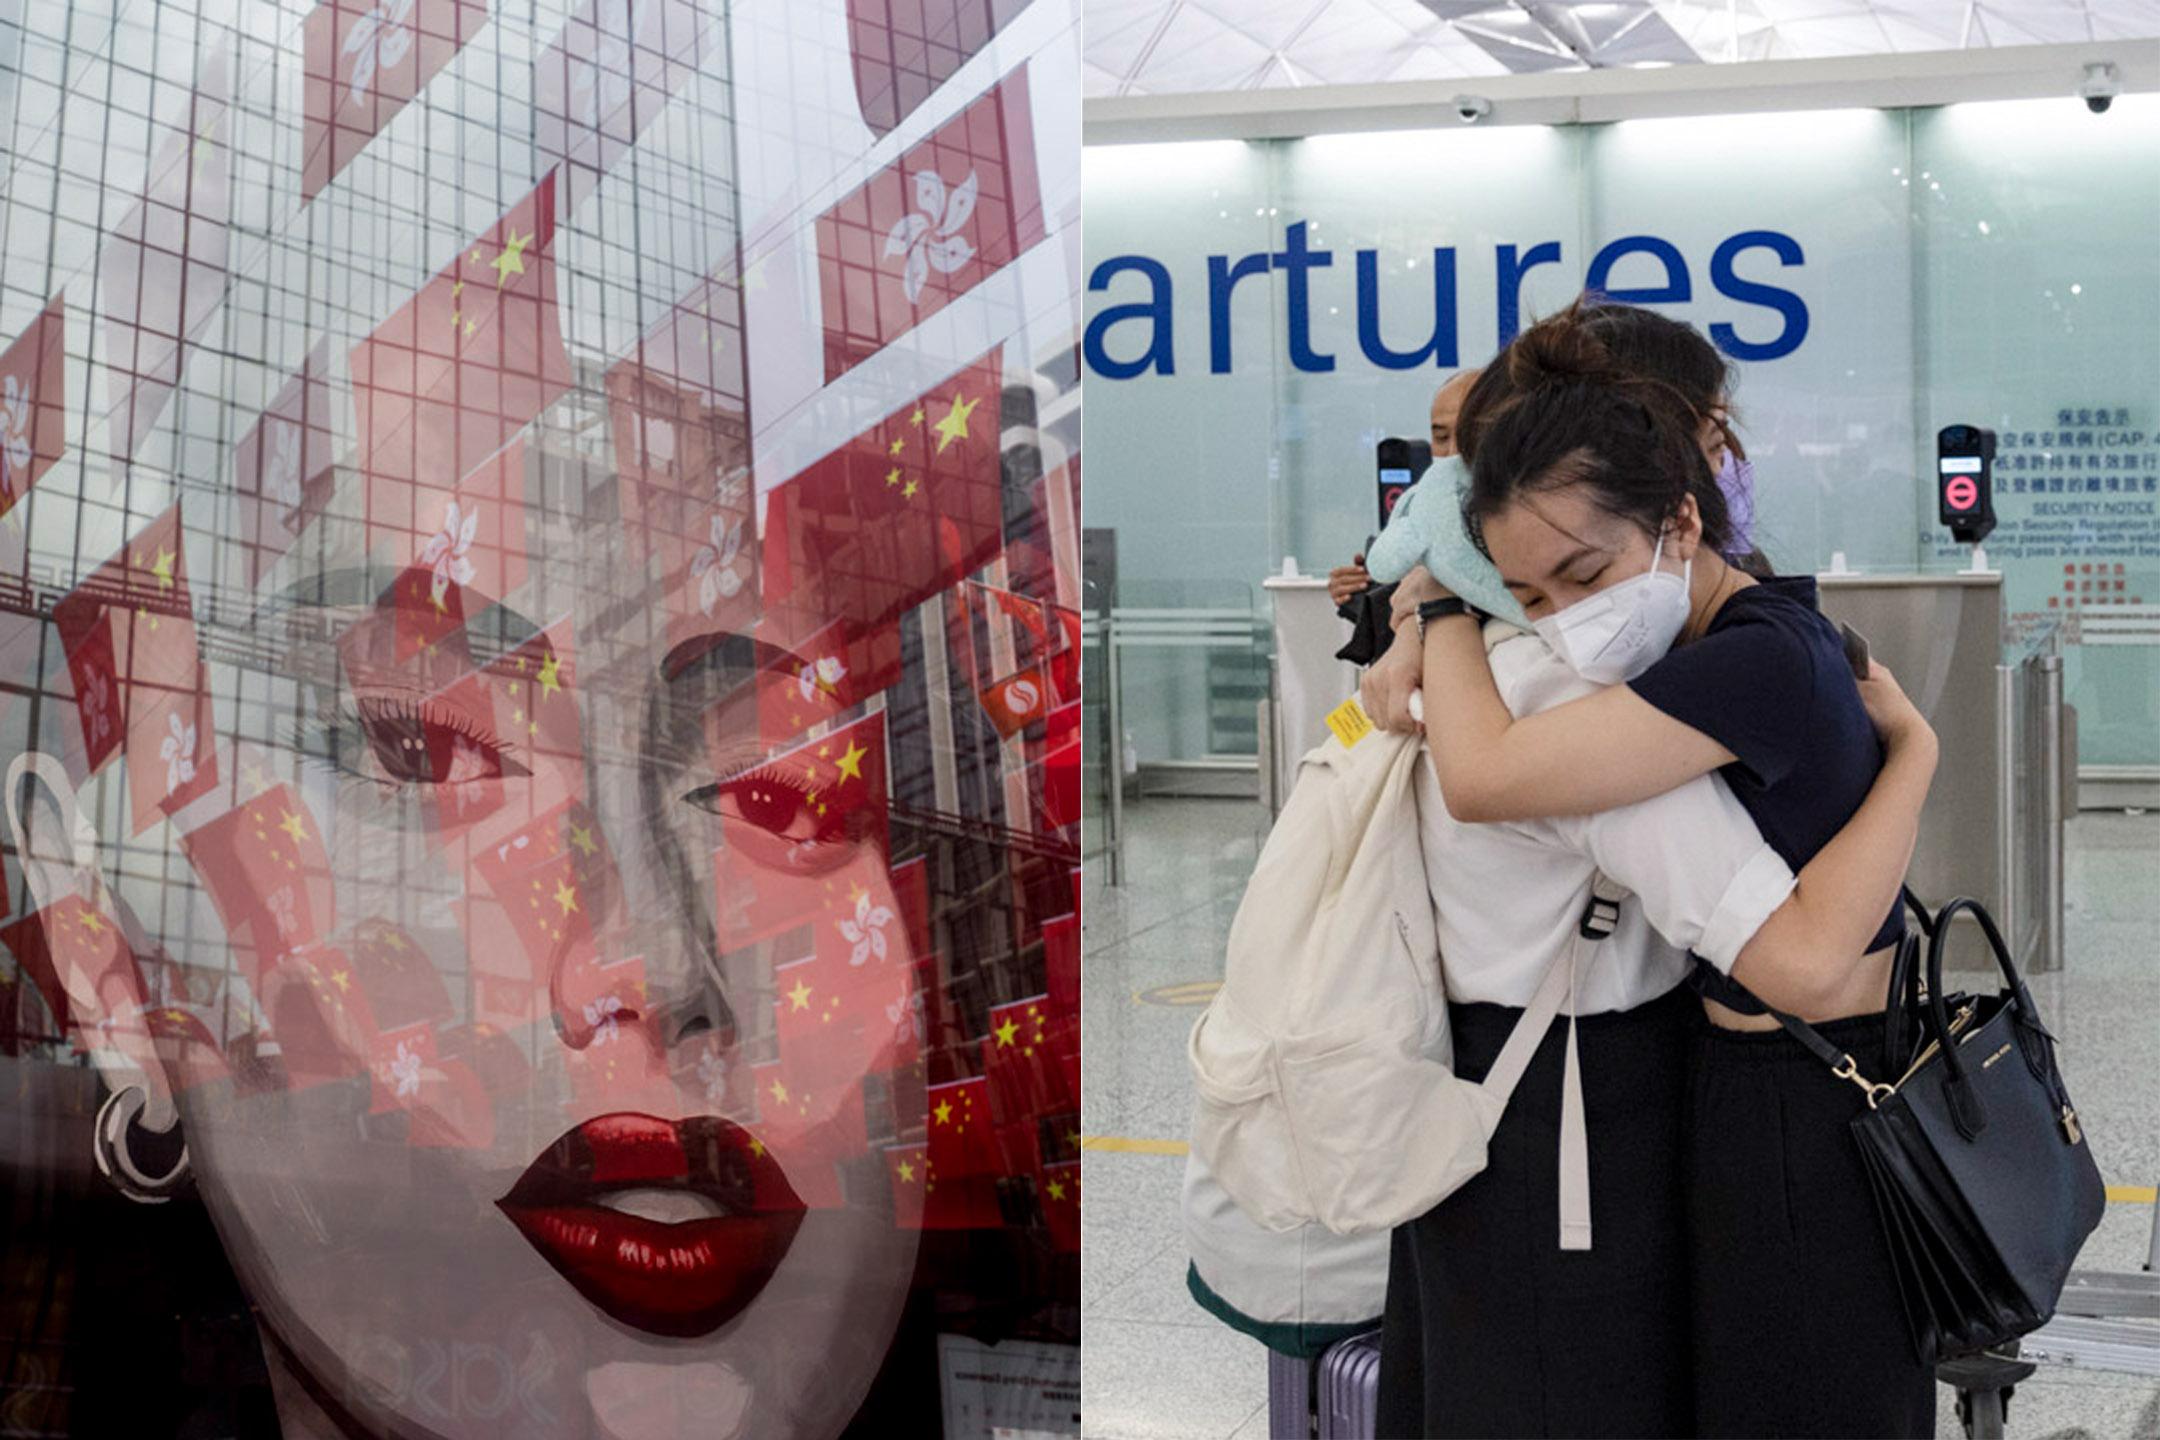 左:2021年6月29日,尖東一個商場外掛滿香港特區區旗及中國國旗。 右:2021年6月30日香港國際機場,市民在離境大堂相擁道別,準備登上前往英國的航機。 攝:林振東、陳焯煇/端傳媒